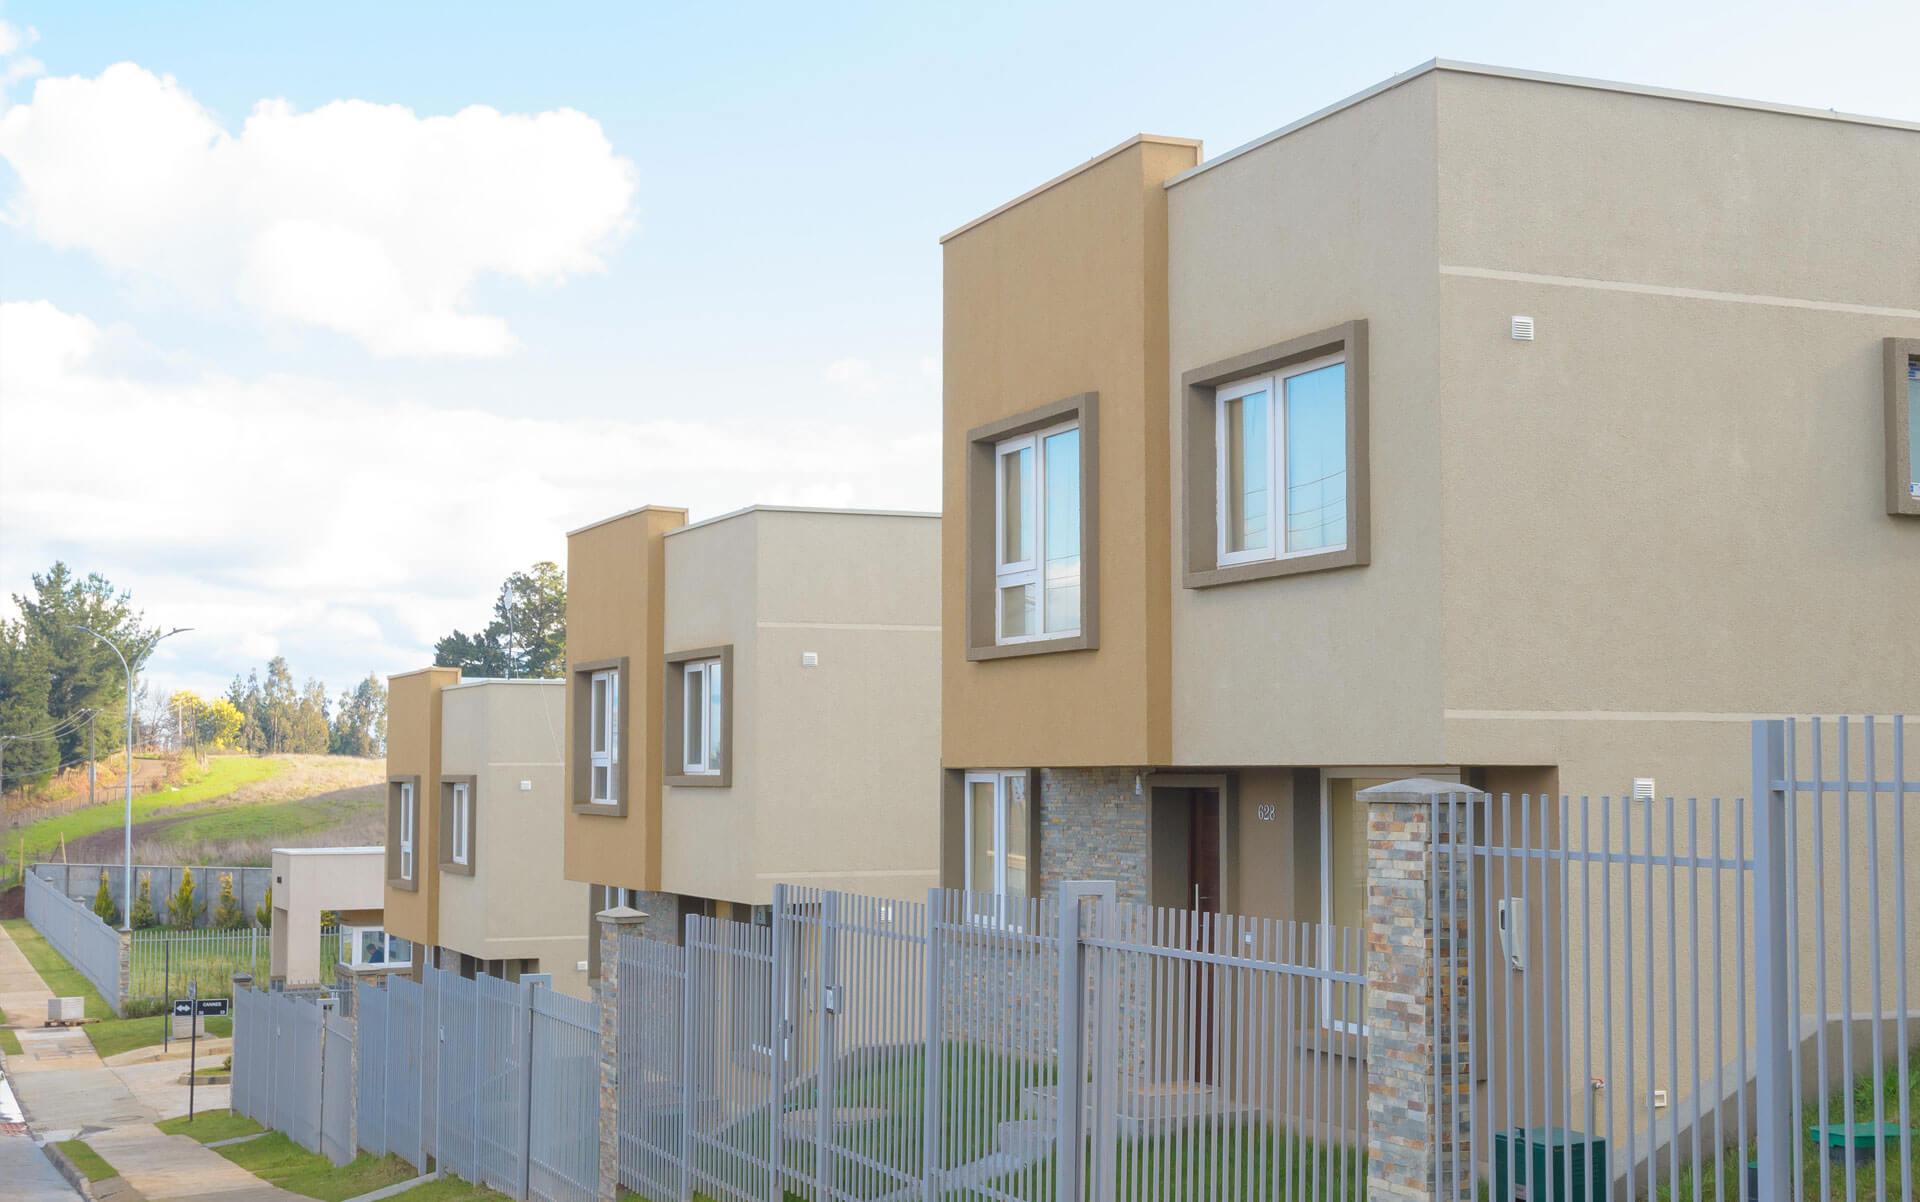 dubois-condominio-versalles-05